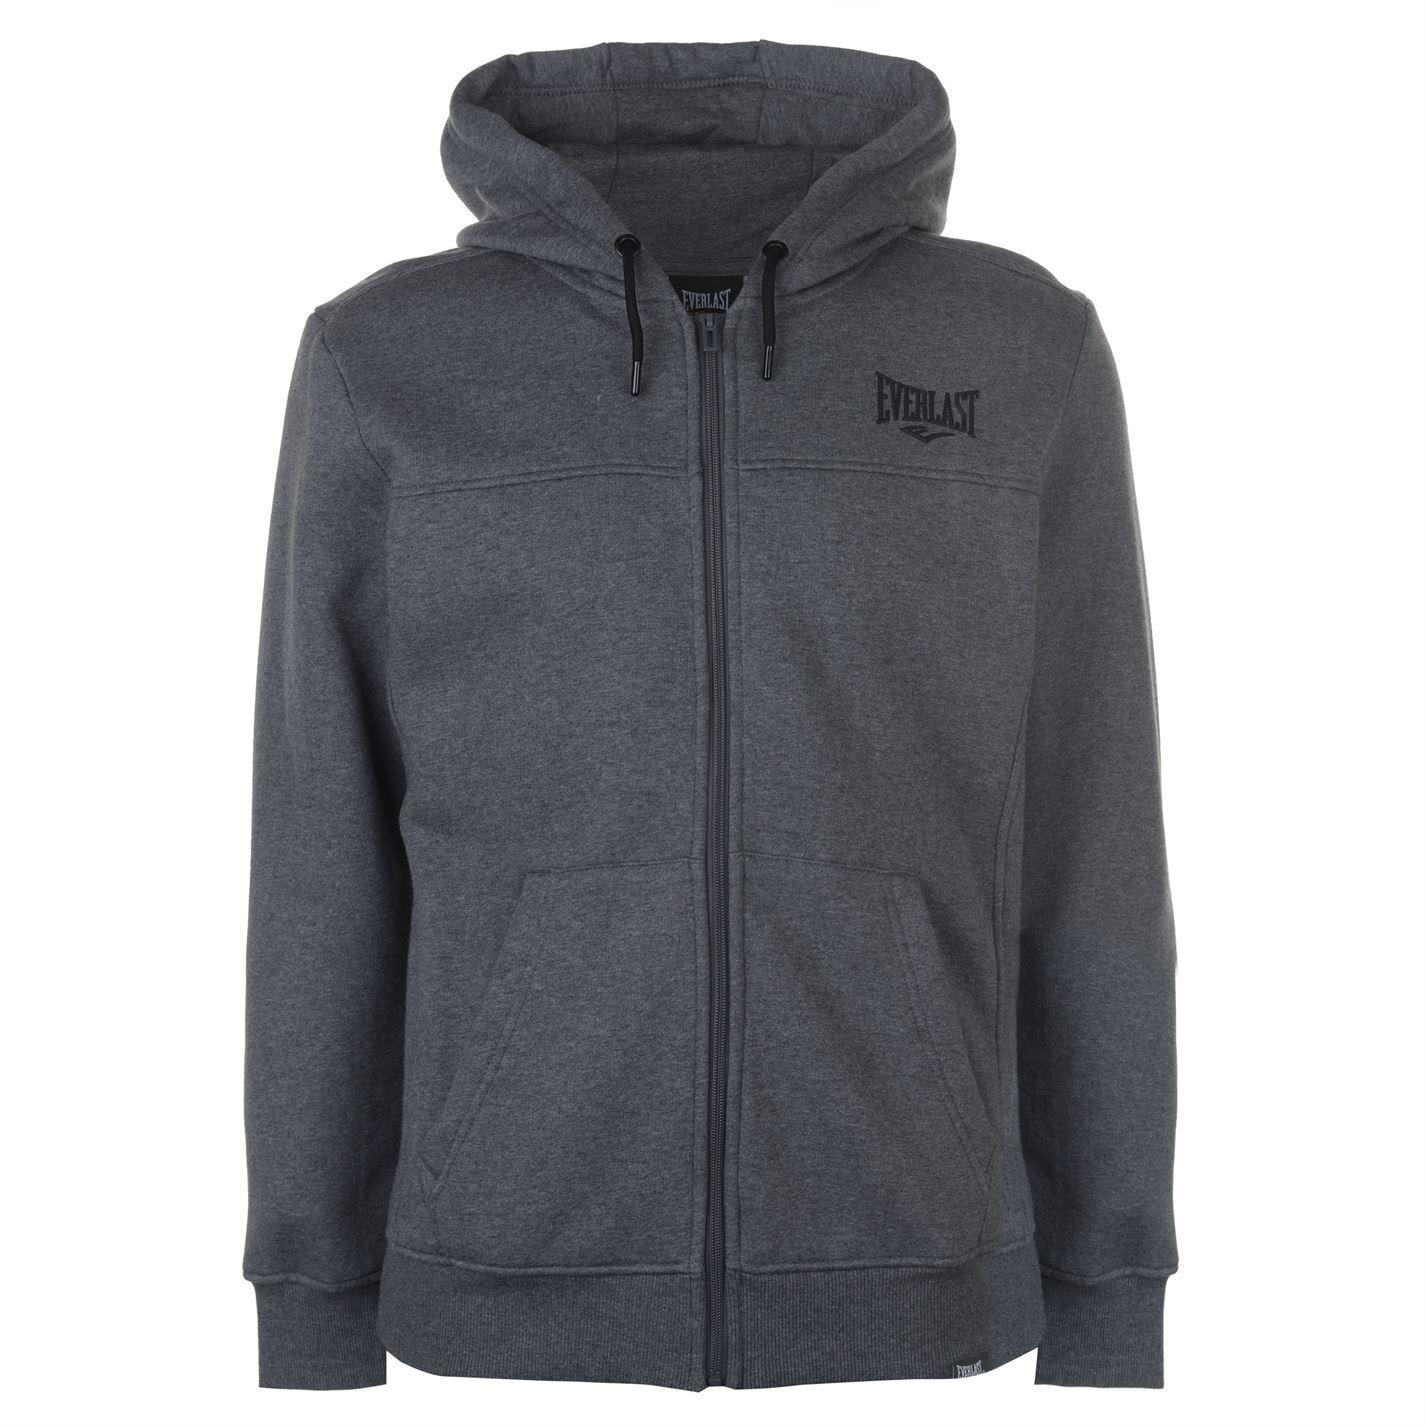 Everlast-Logo-Full-Zip-Hoody-Jacket-Mens-Hoodie-Sweatshirt-Sweater-Hooded-Top thumbnail 18